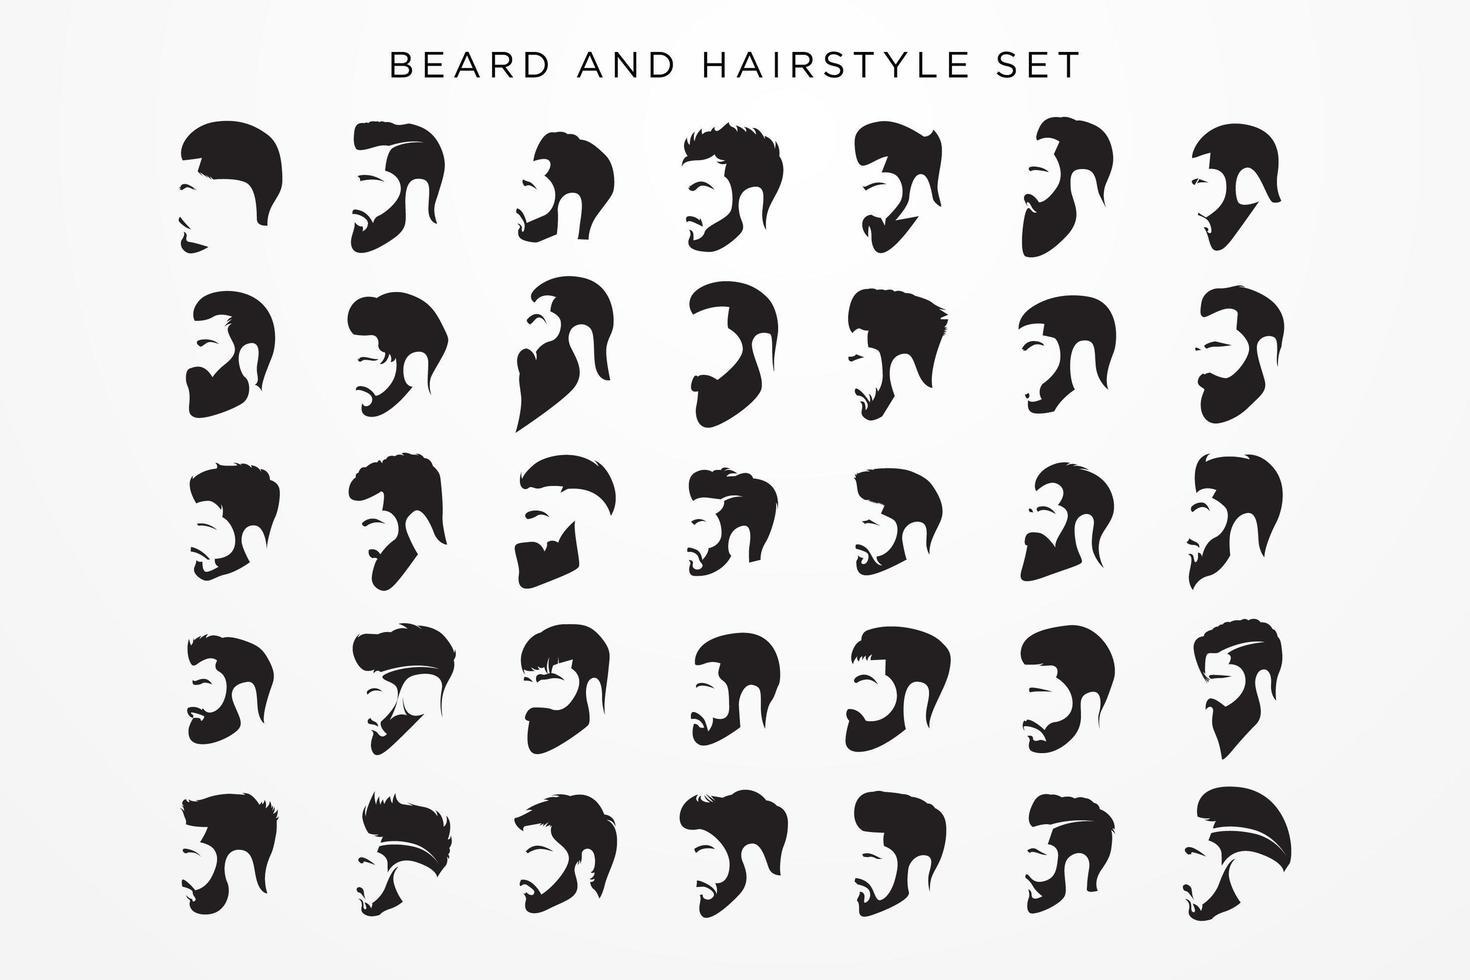 ensemble barbe et coiffures homme vecteur